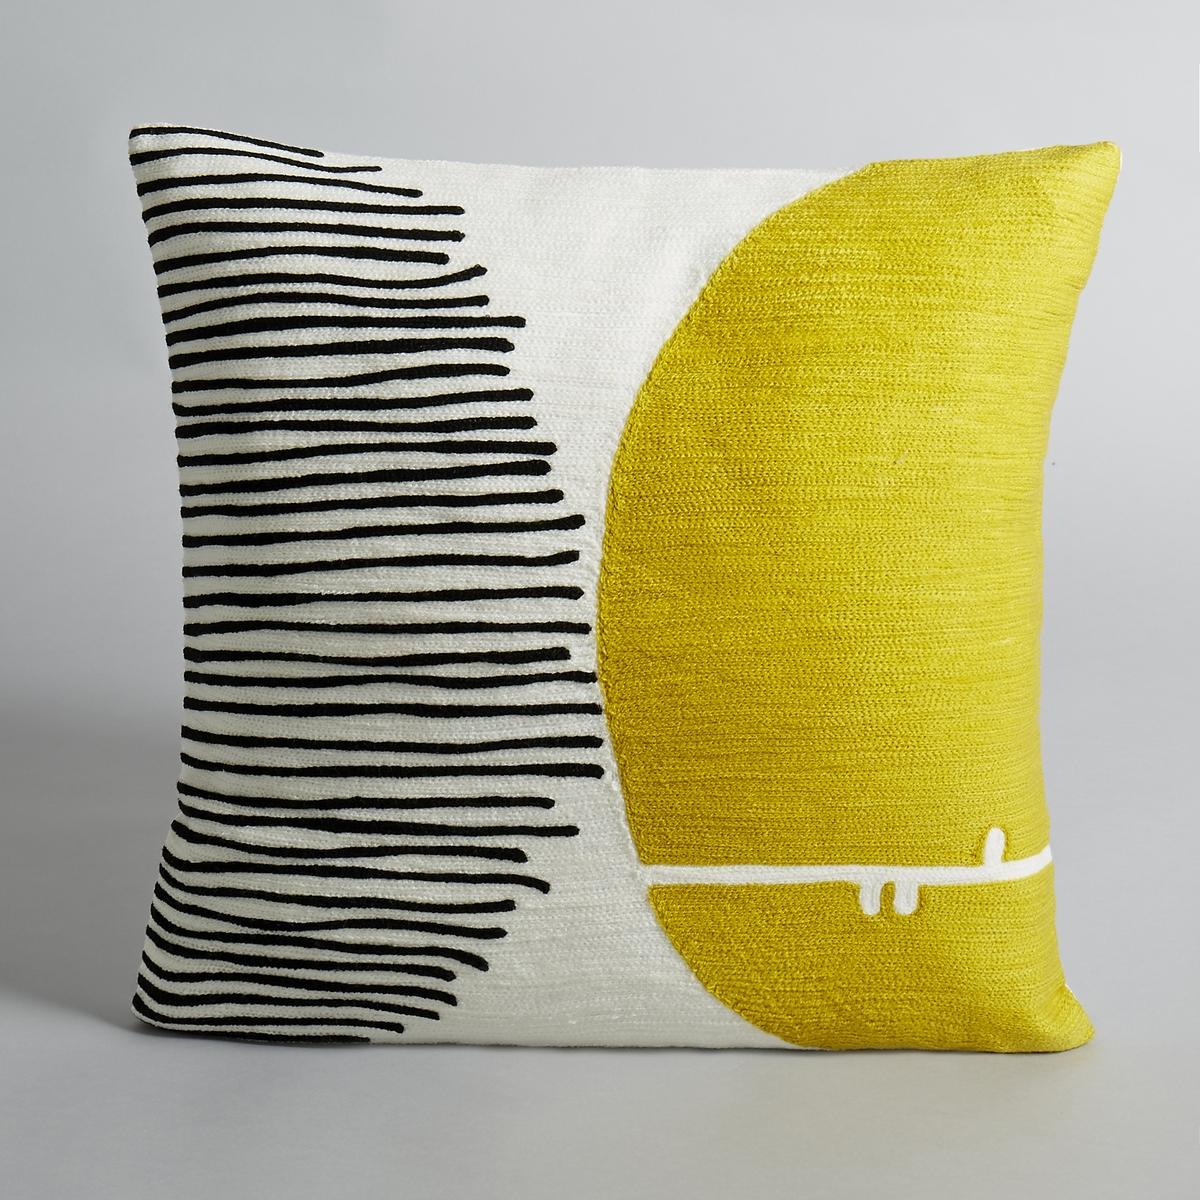 Чехол на подушку с вышивкой Mihn?aРисунок в горох. Вышивка по всей поверхности. 100 % хлопка.Горох жёлтого и чёрного цветов. Размеры:. 45 x 45 см.<br><br>Цвет: желтый/черный<br>Размер: 45 x 45  см